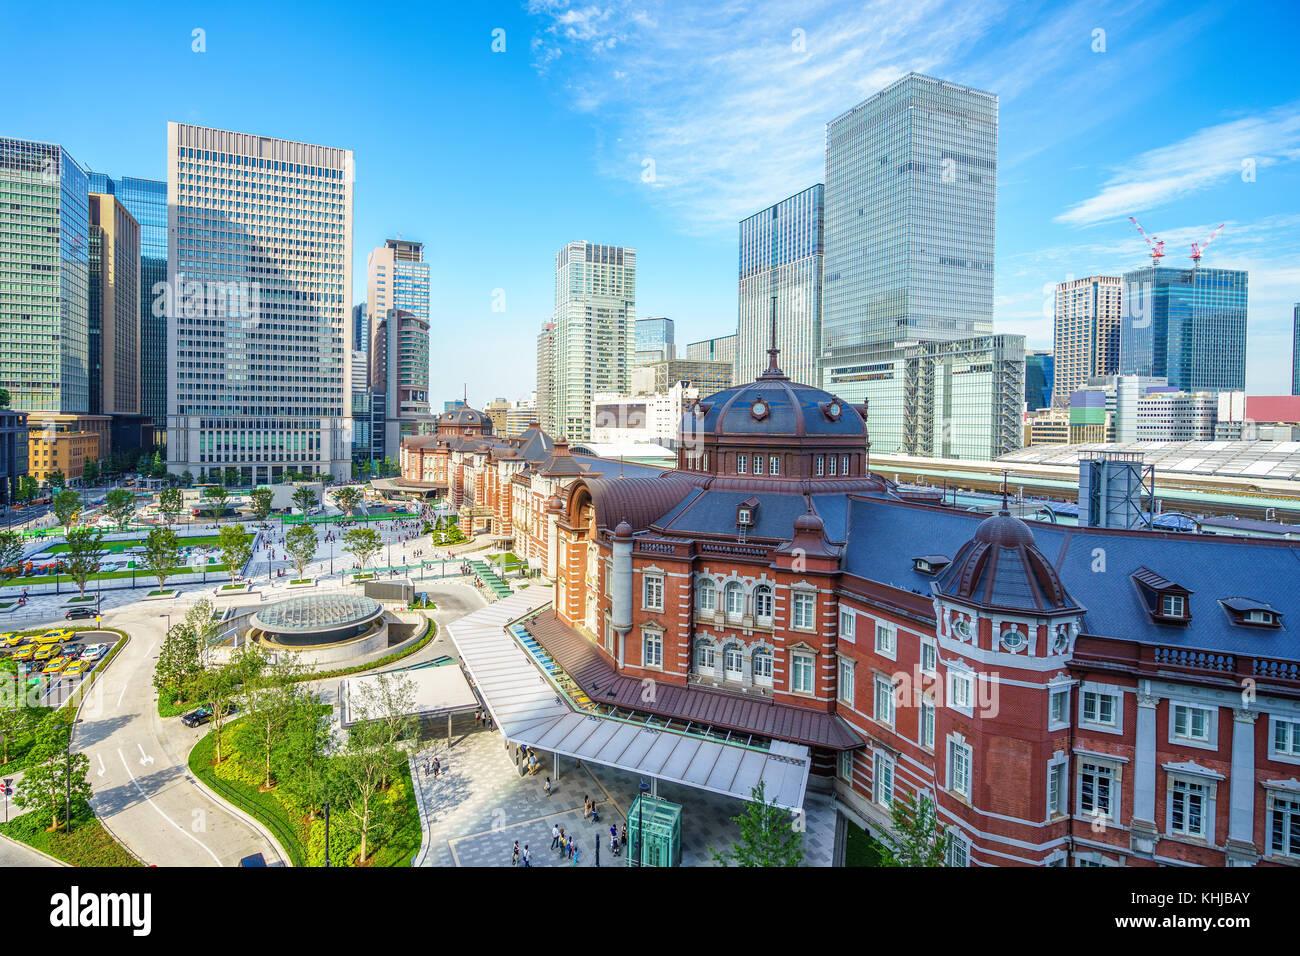 La stazione di Tokyo, una stazione ferroviaria nel quartiere affaristico Marunouchi di chiyoda Immagini Stock